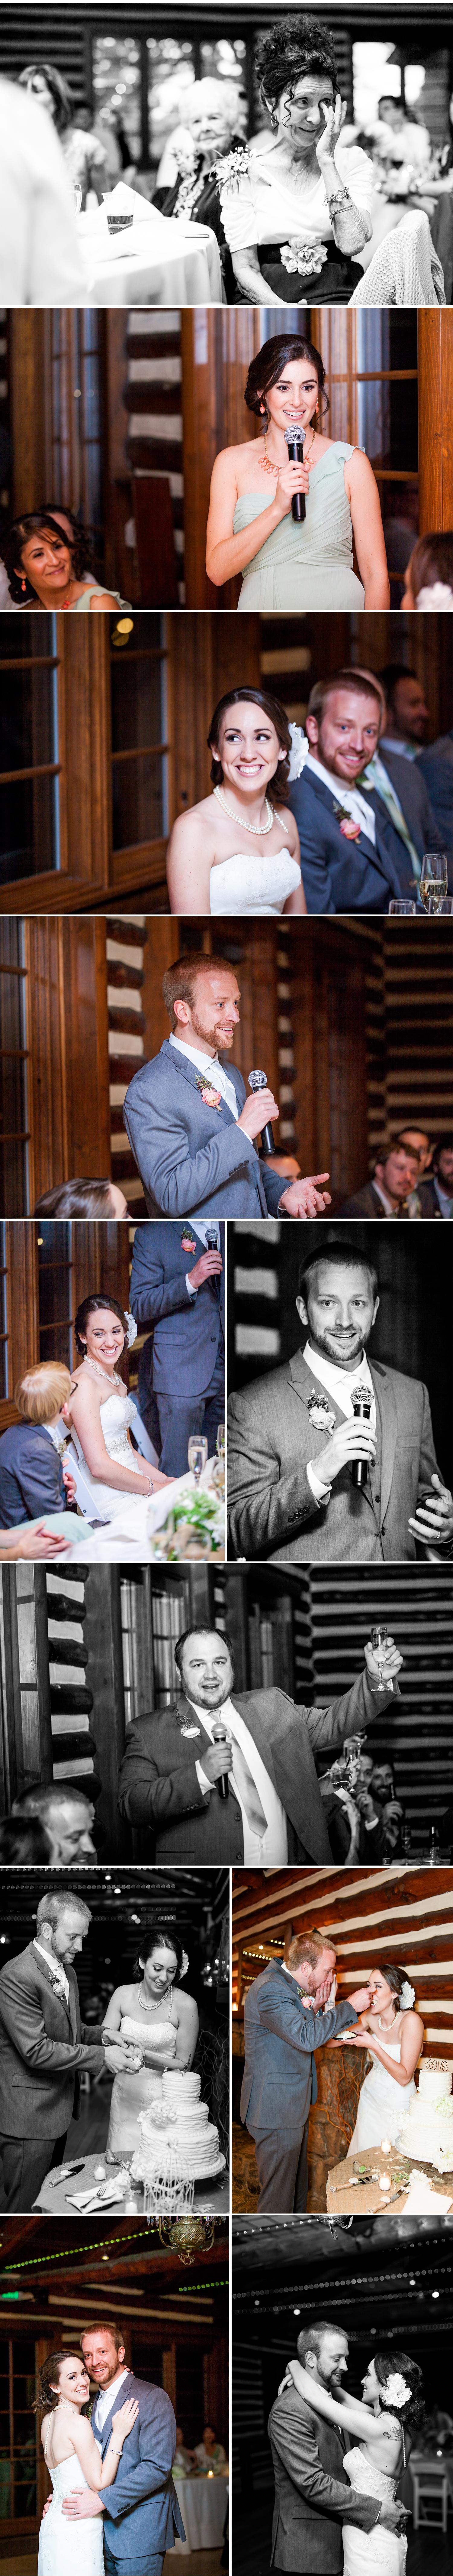 11_denver's best wedding photographer.jpg